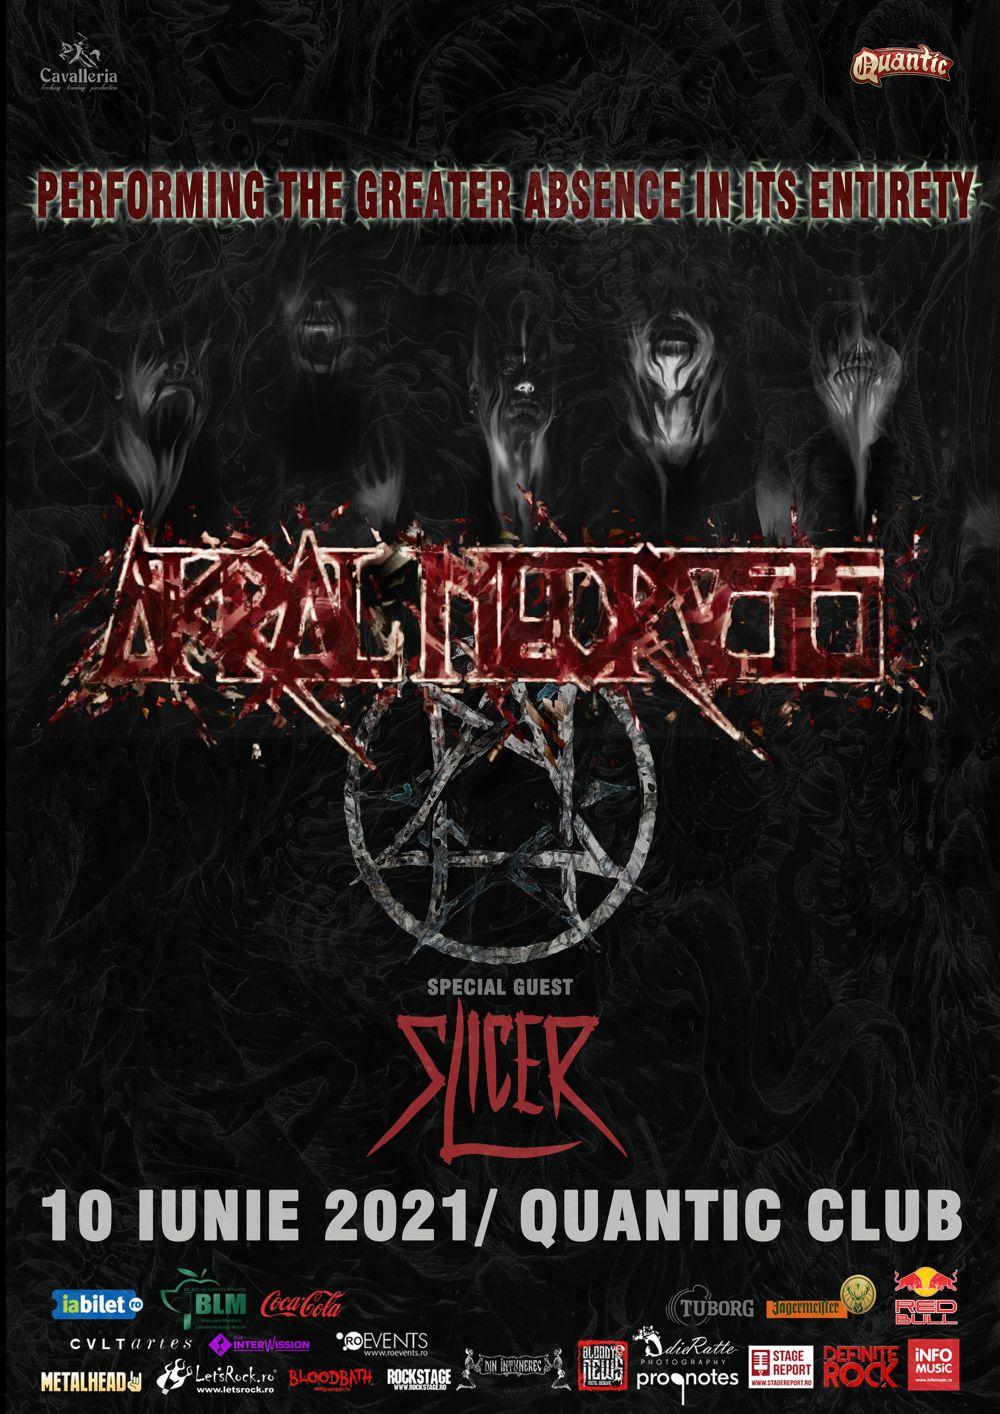 Slicer canta alaturi de Akral Necrosis pe 10 iunie in Quantic Club